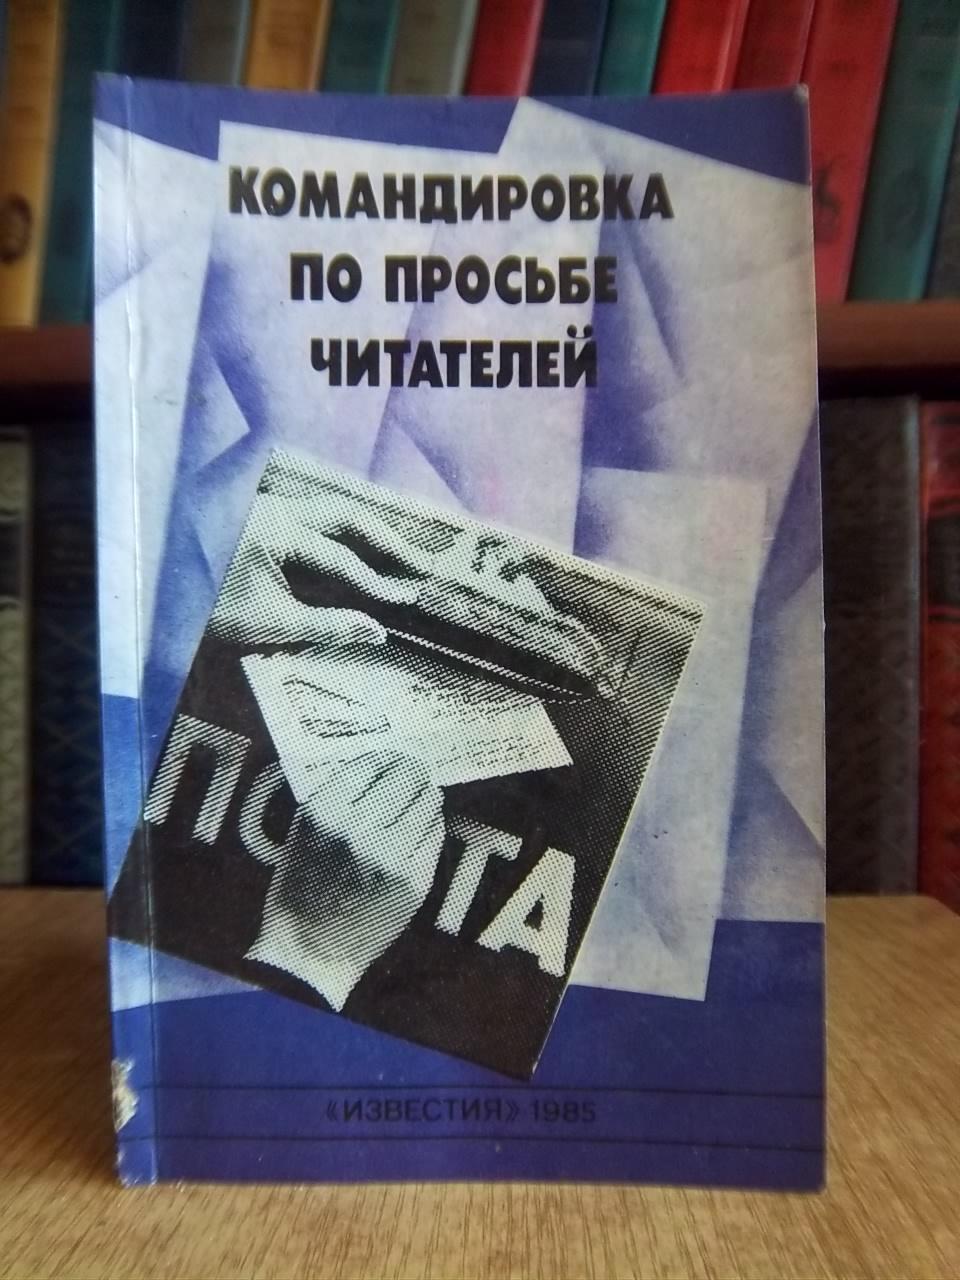 Сборник Командировка по просьбе читателей